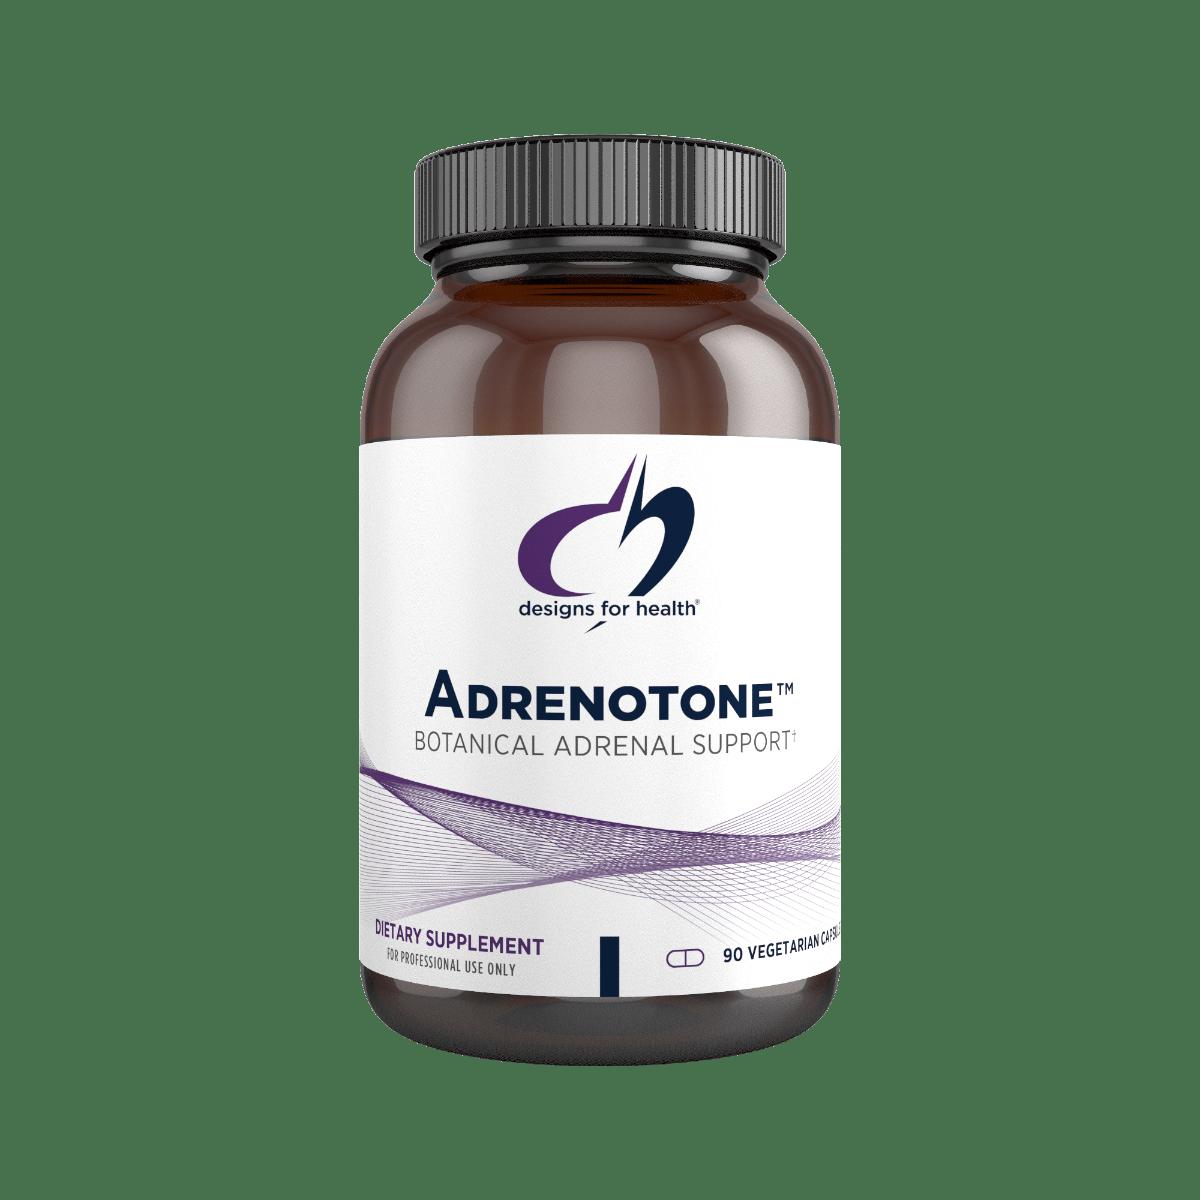 Adrenotone 90 Designs for Health